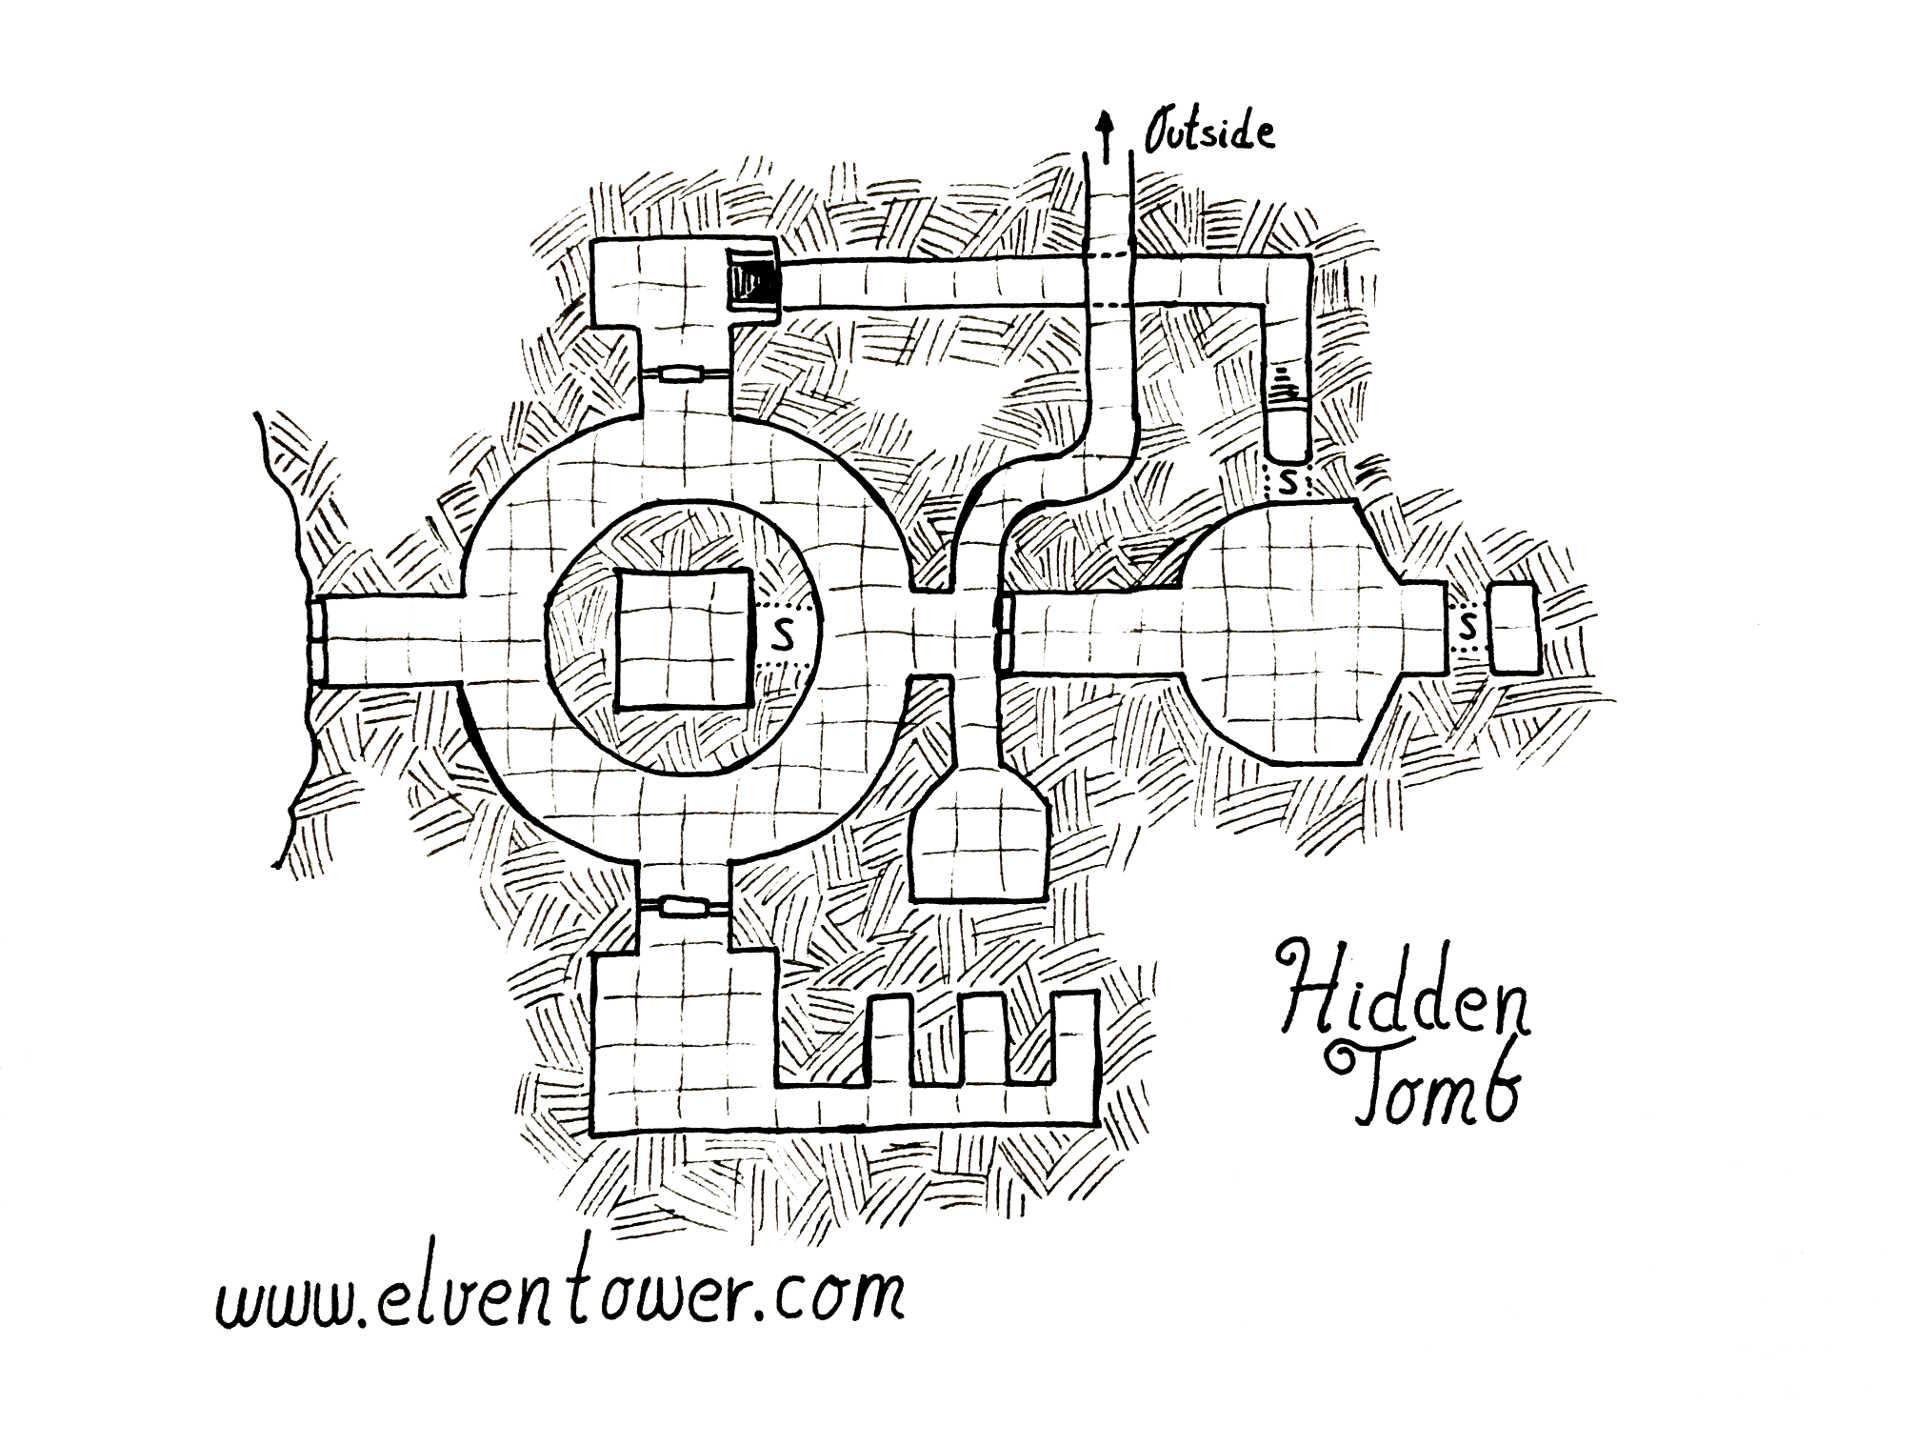 hidden-tomb-l